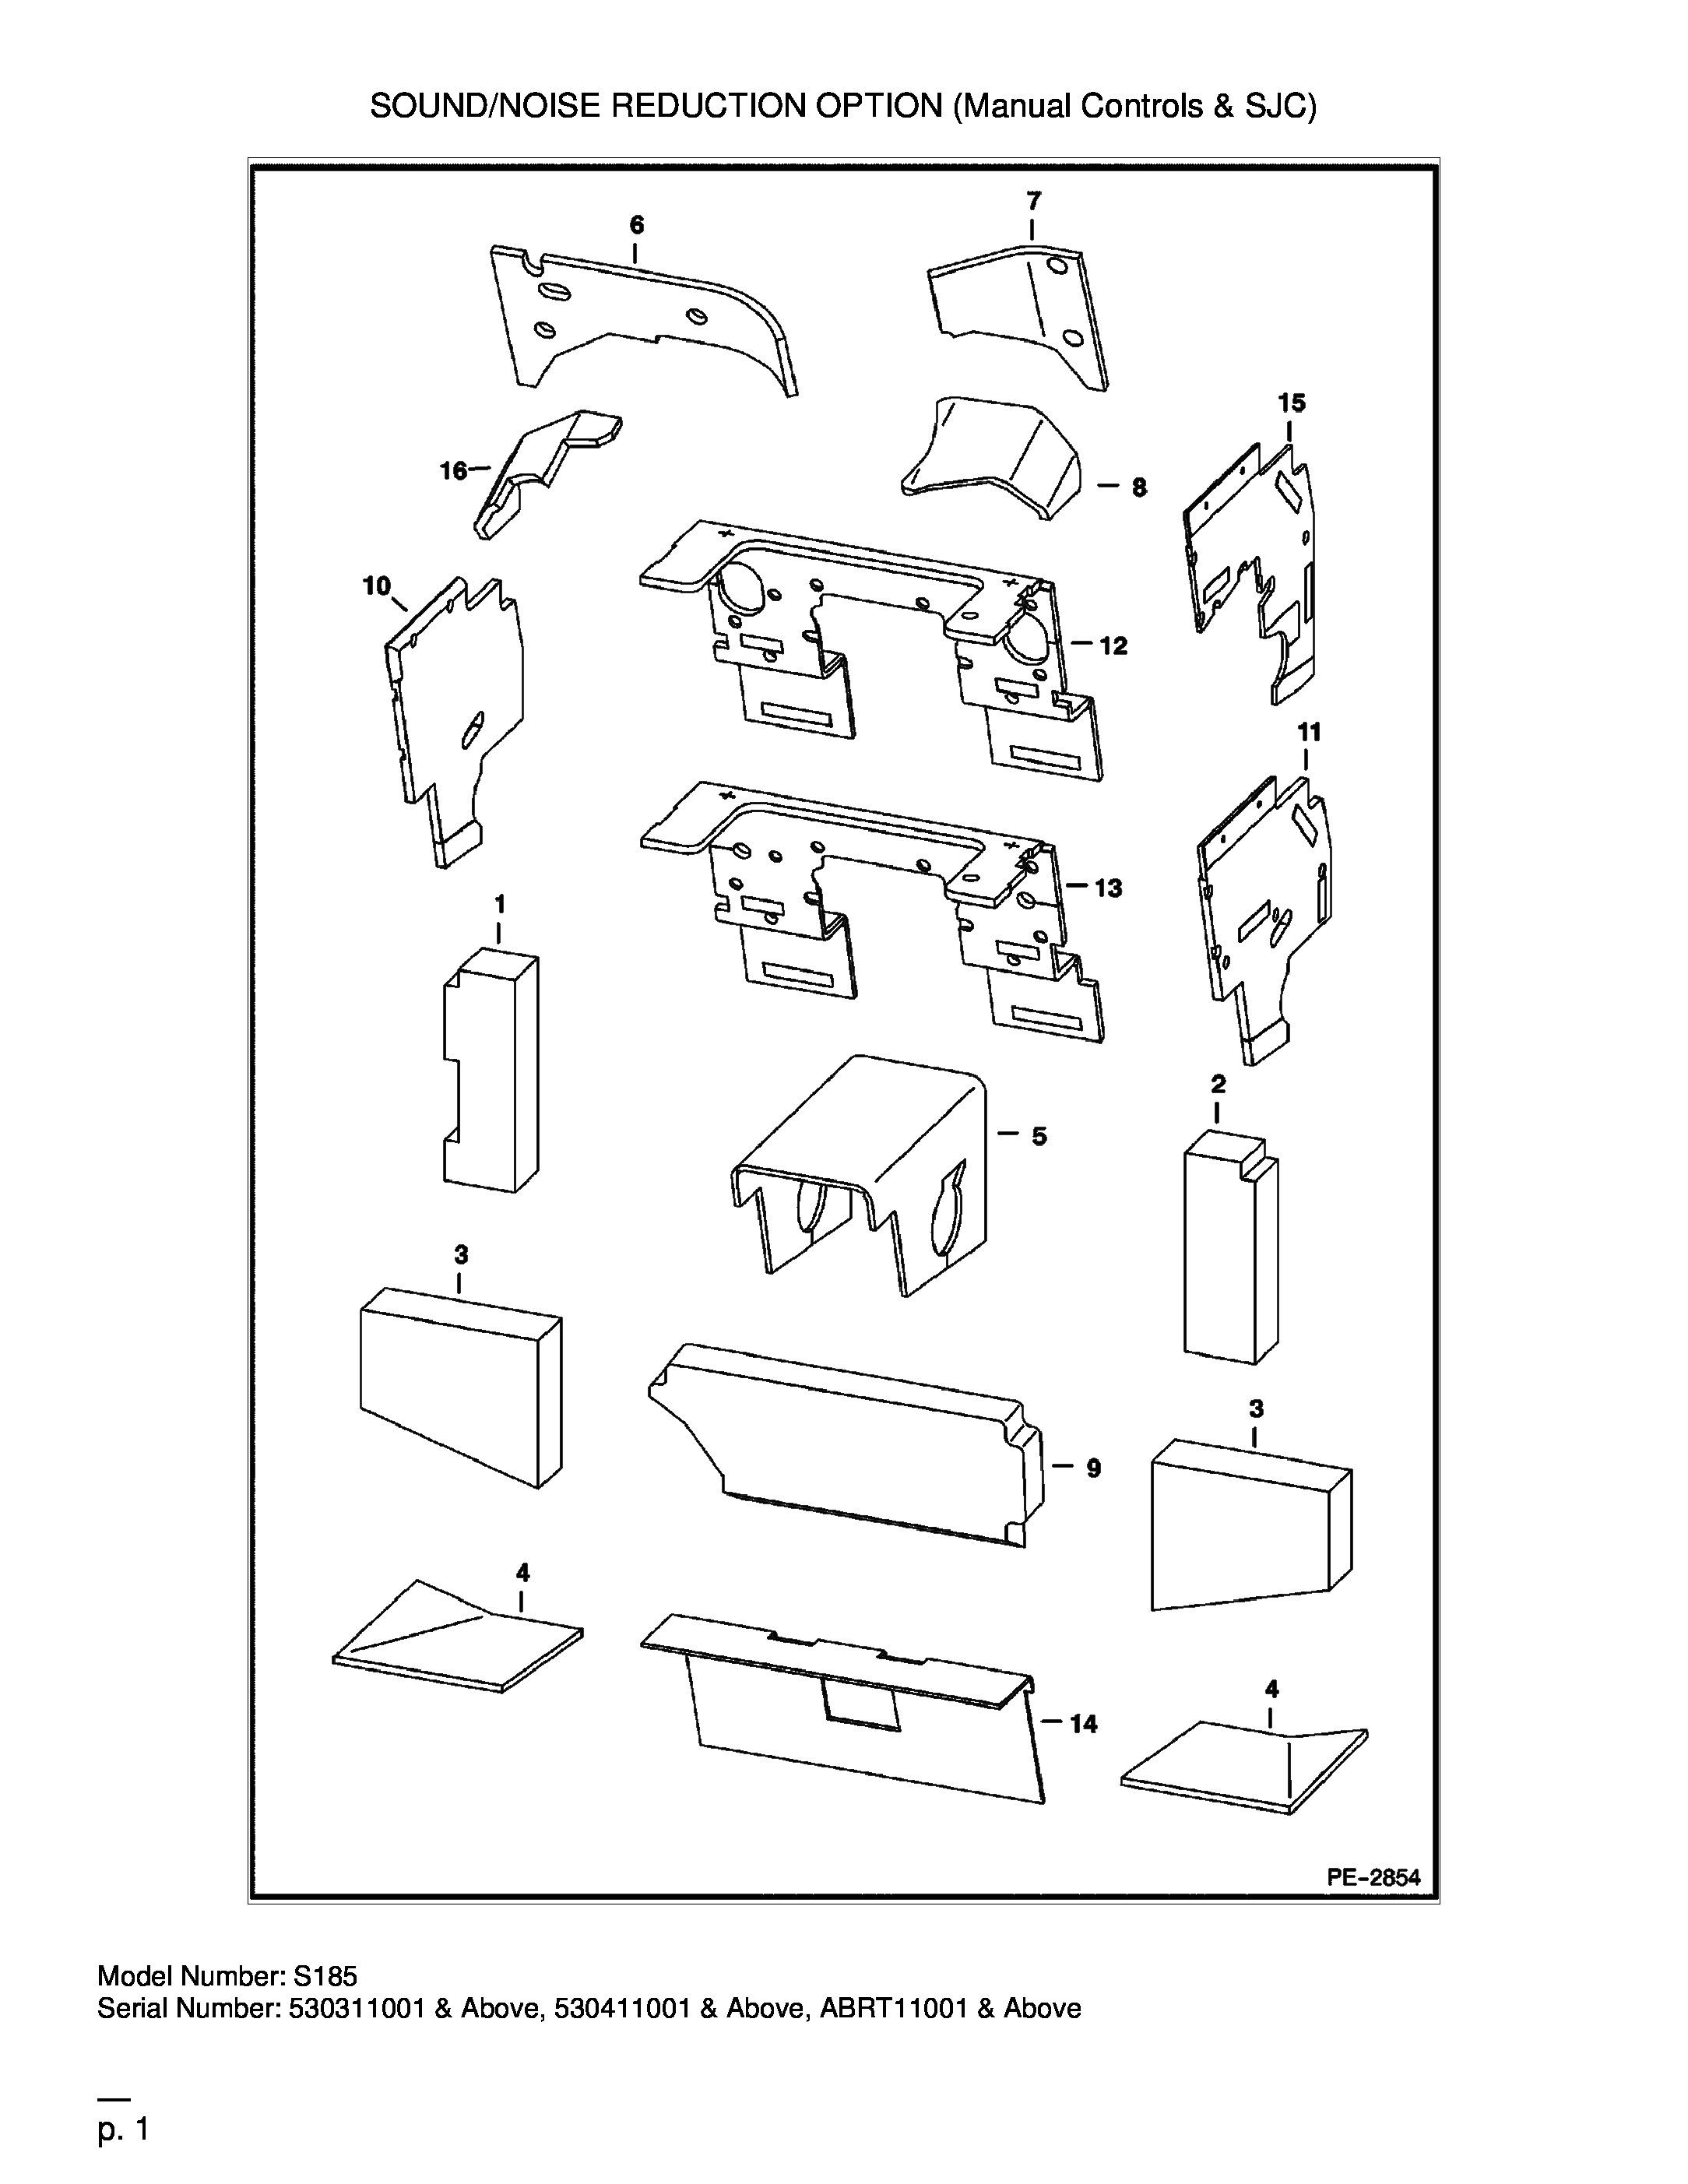 KIT DE REDUCTION DE BRUIT (Manual Controls & SJC)[703741